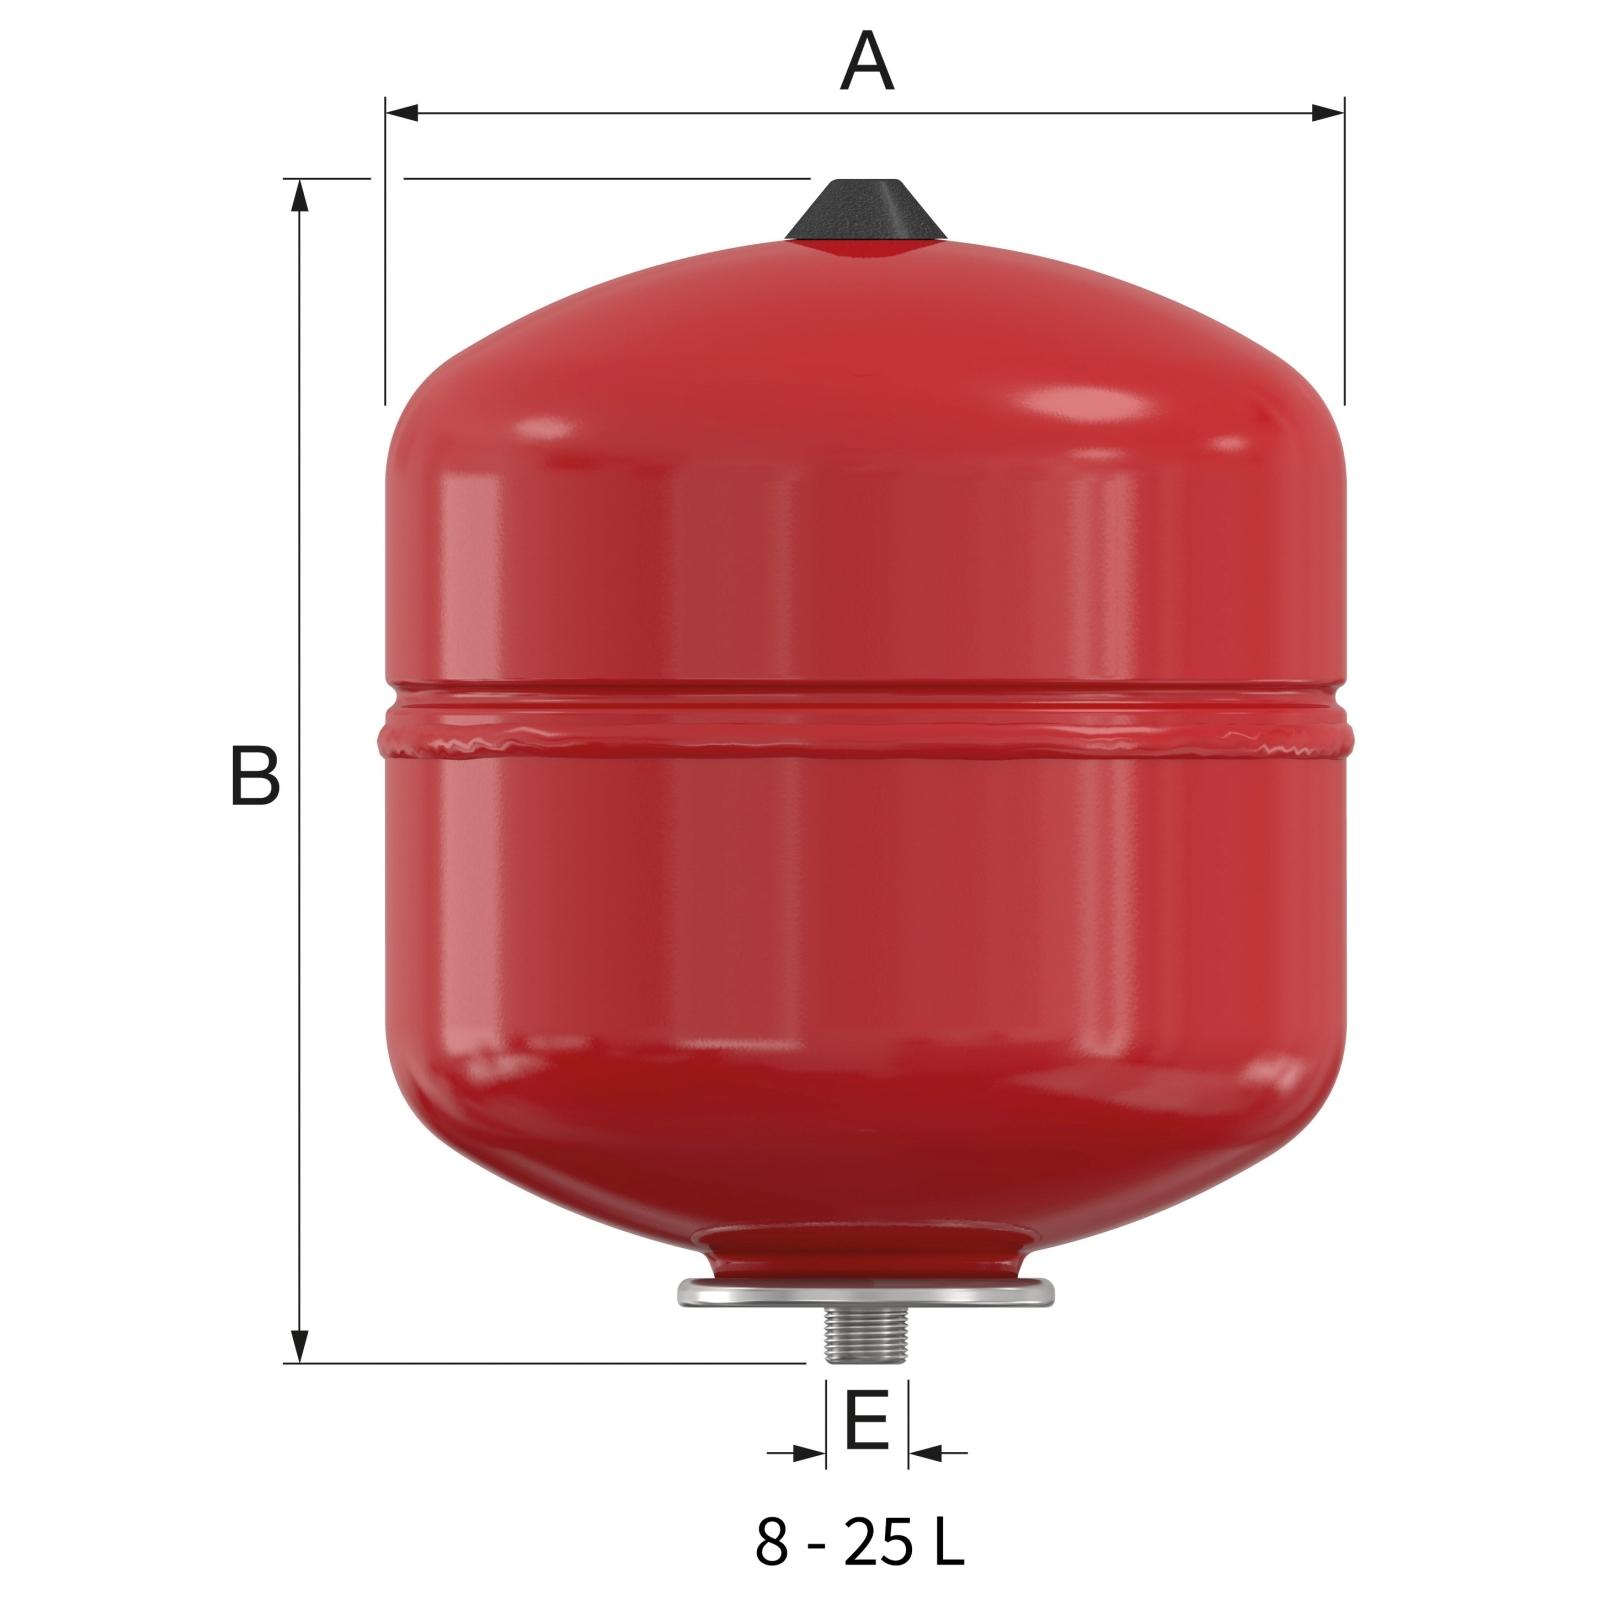 Flamco Baseflex fűtési tágulási tartály 12/1,5 bar fali (25301) műszaki ábra